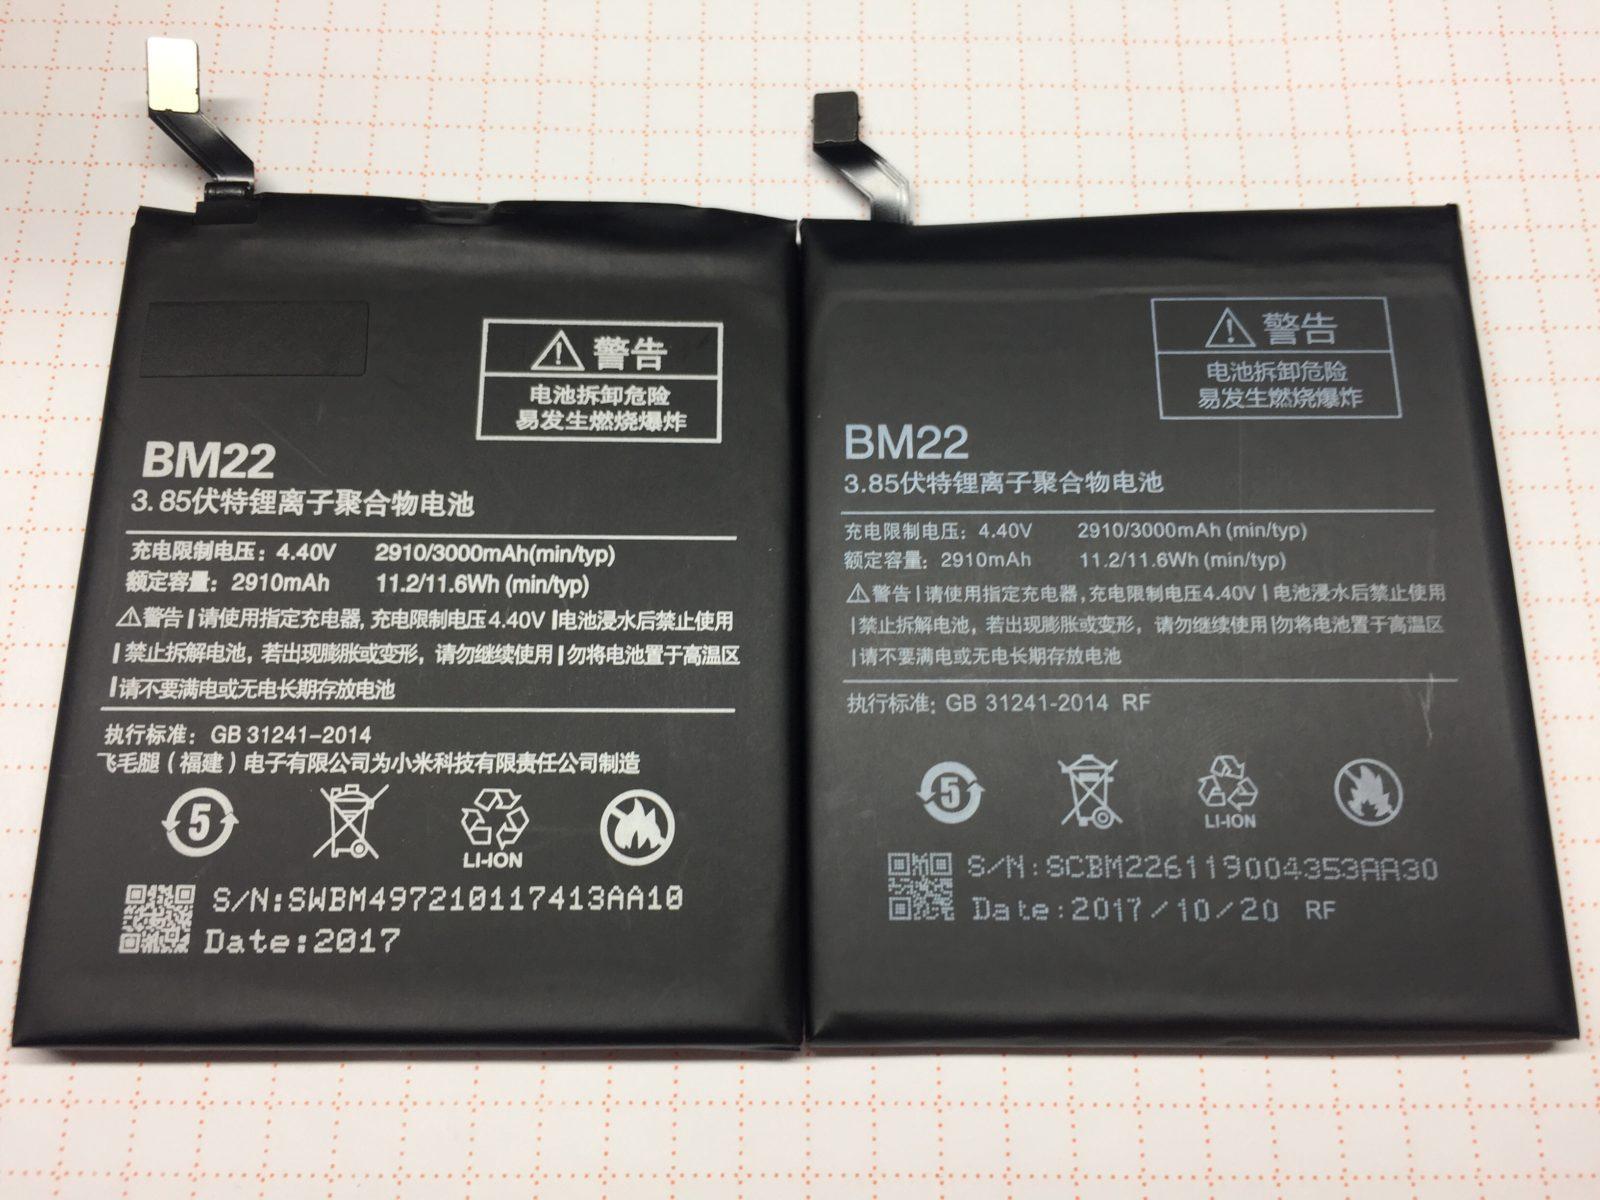 Аккумуляторы на Xiaomi Mi5 (BM22) бывают разные. Смотрим.